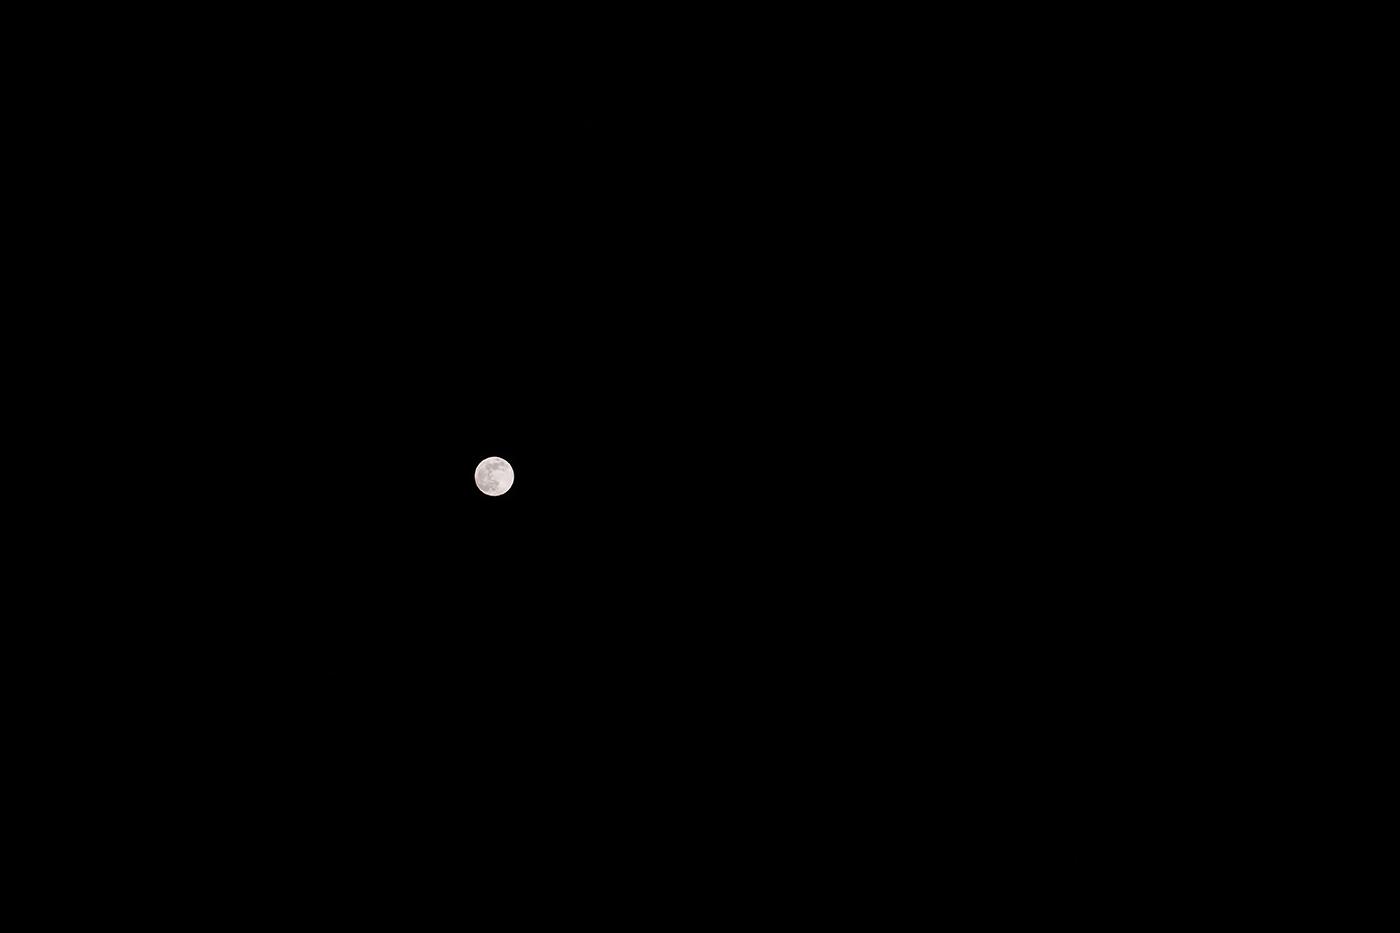 photo astre lunaire avec hybride plein format de Panasonic